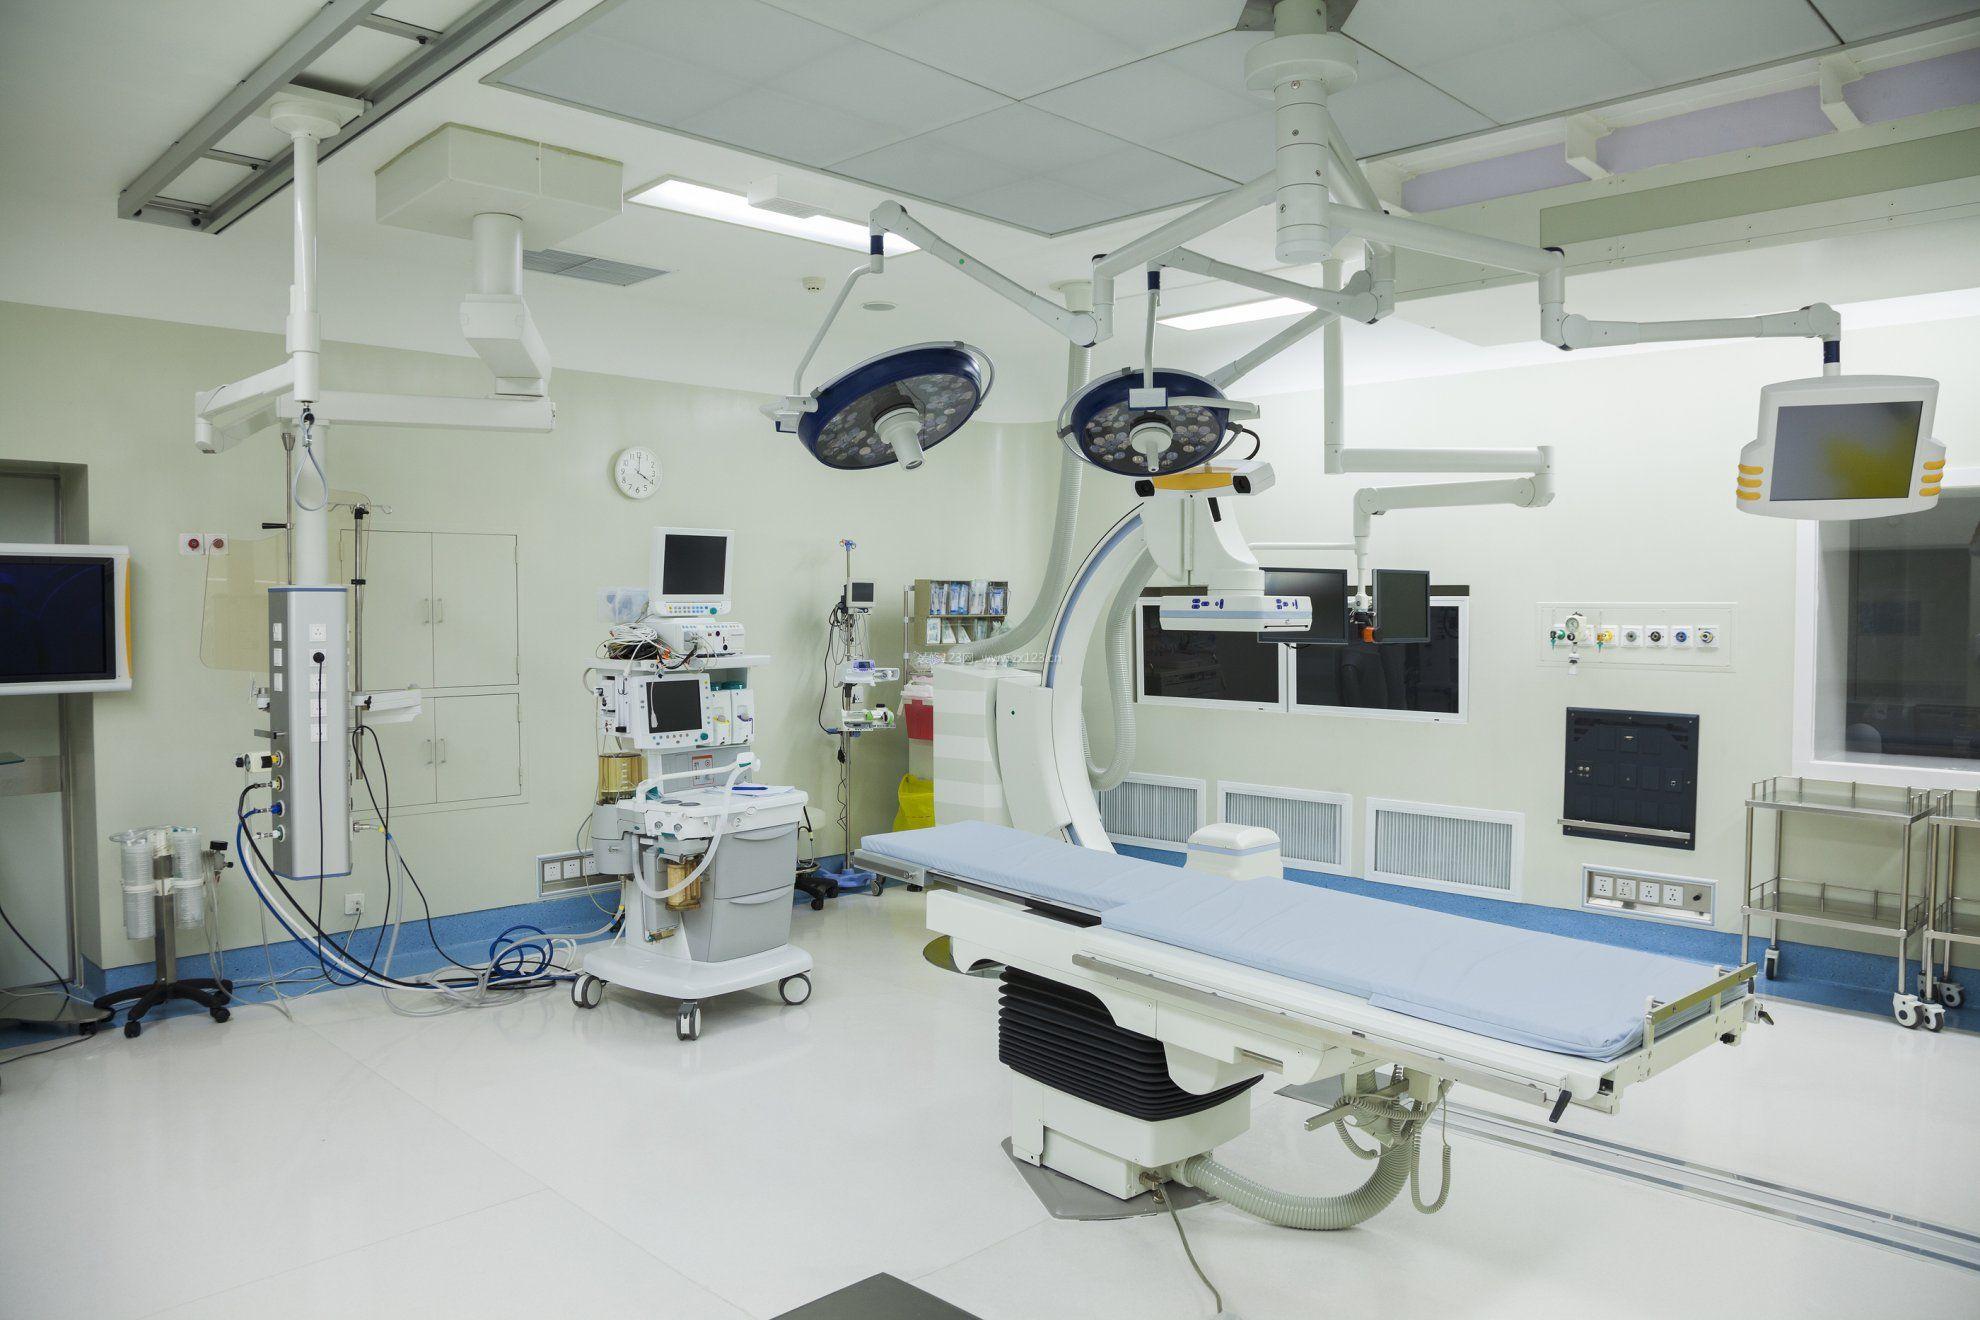 醫院手術室裝修設計圖片效果大全圖片